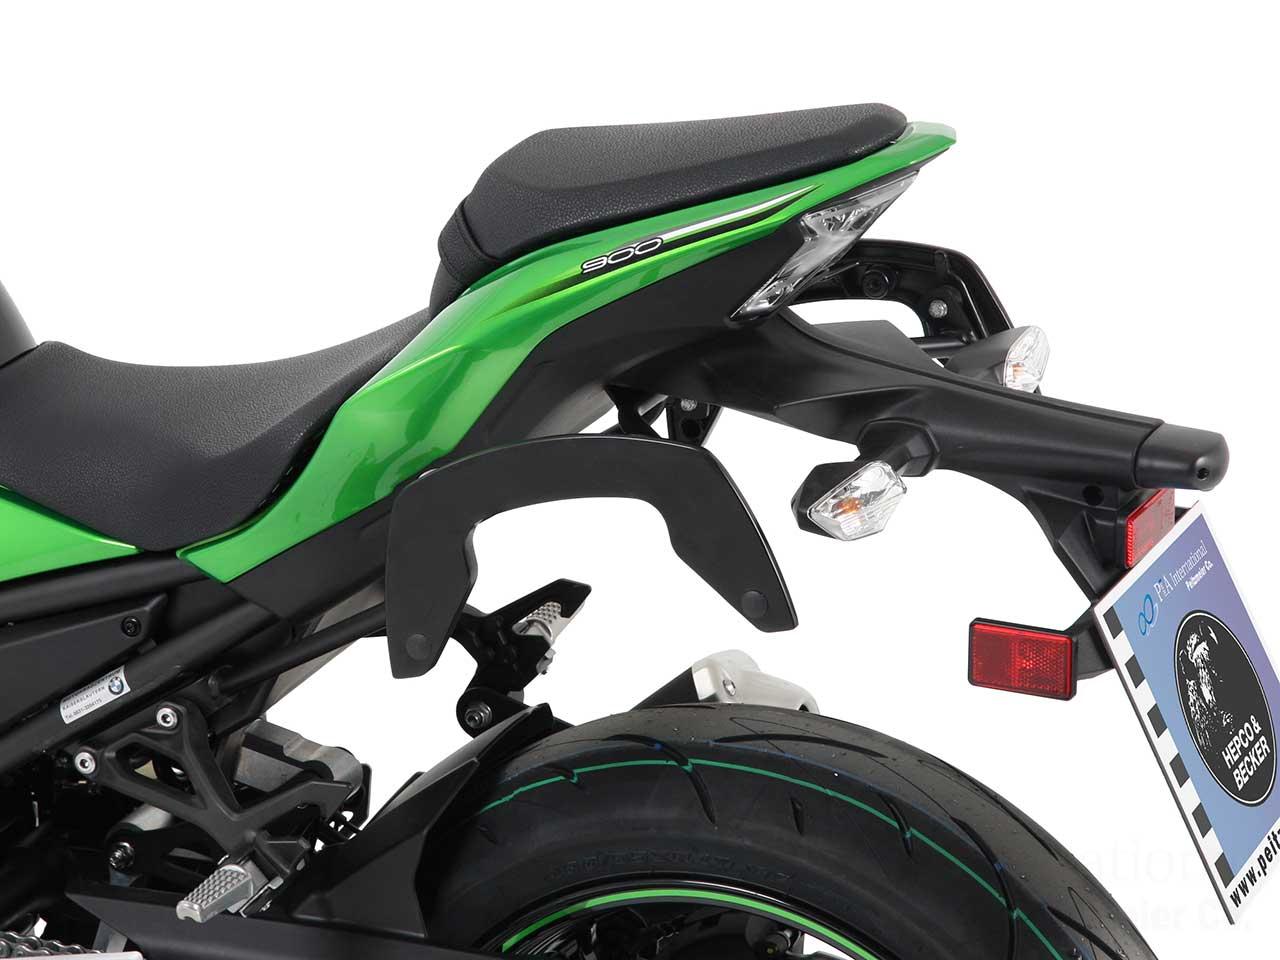 ヘプコ&ベッカー 正規品 サイドソフトケースホルダー(キャリア)「C-Bow」 Kawasaki Z900